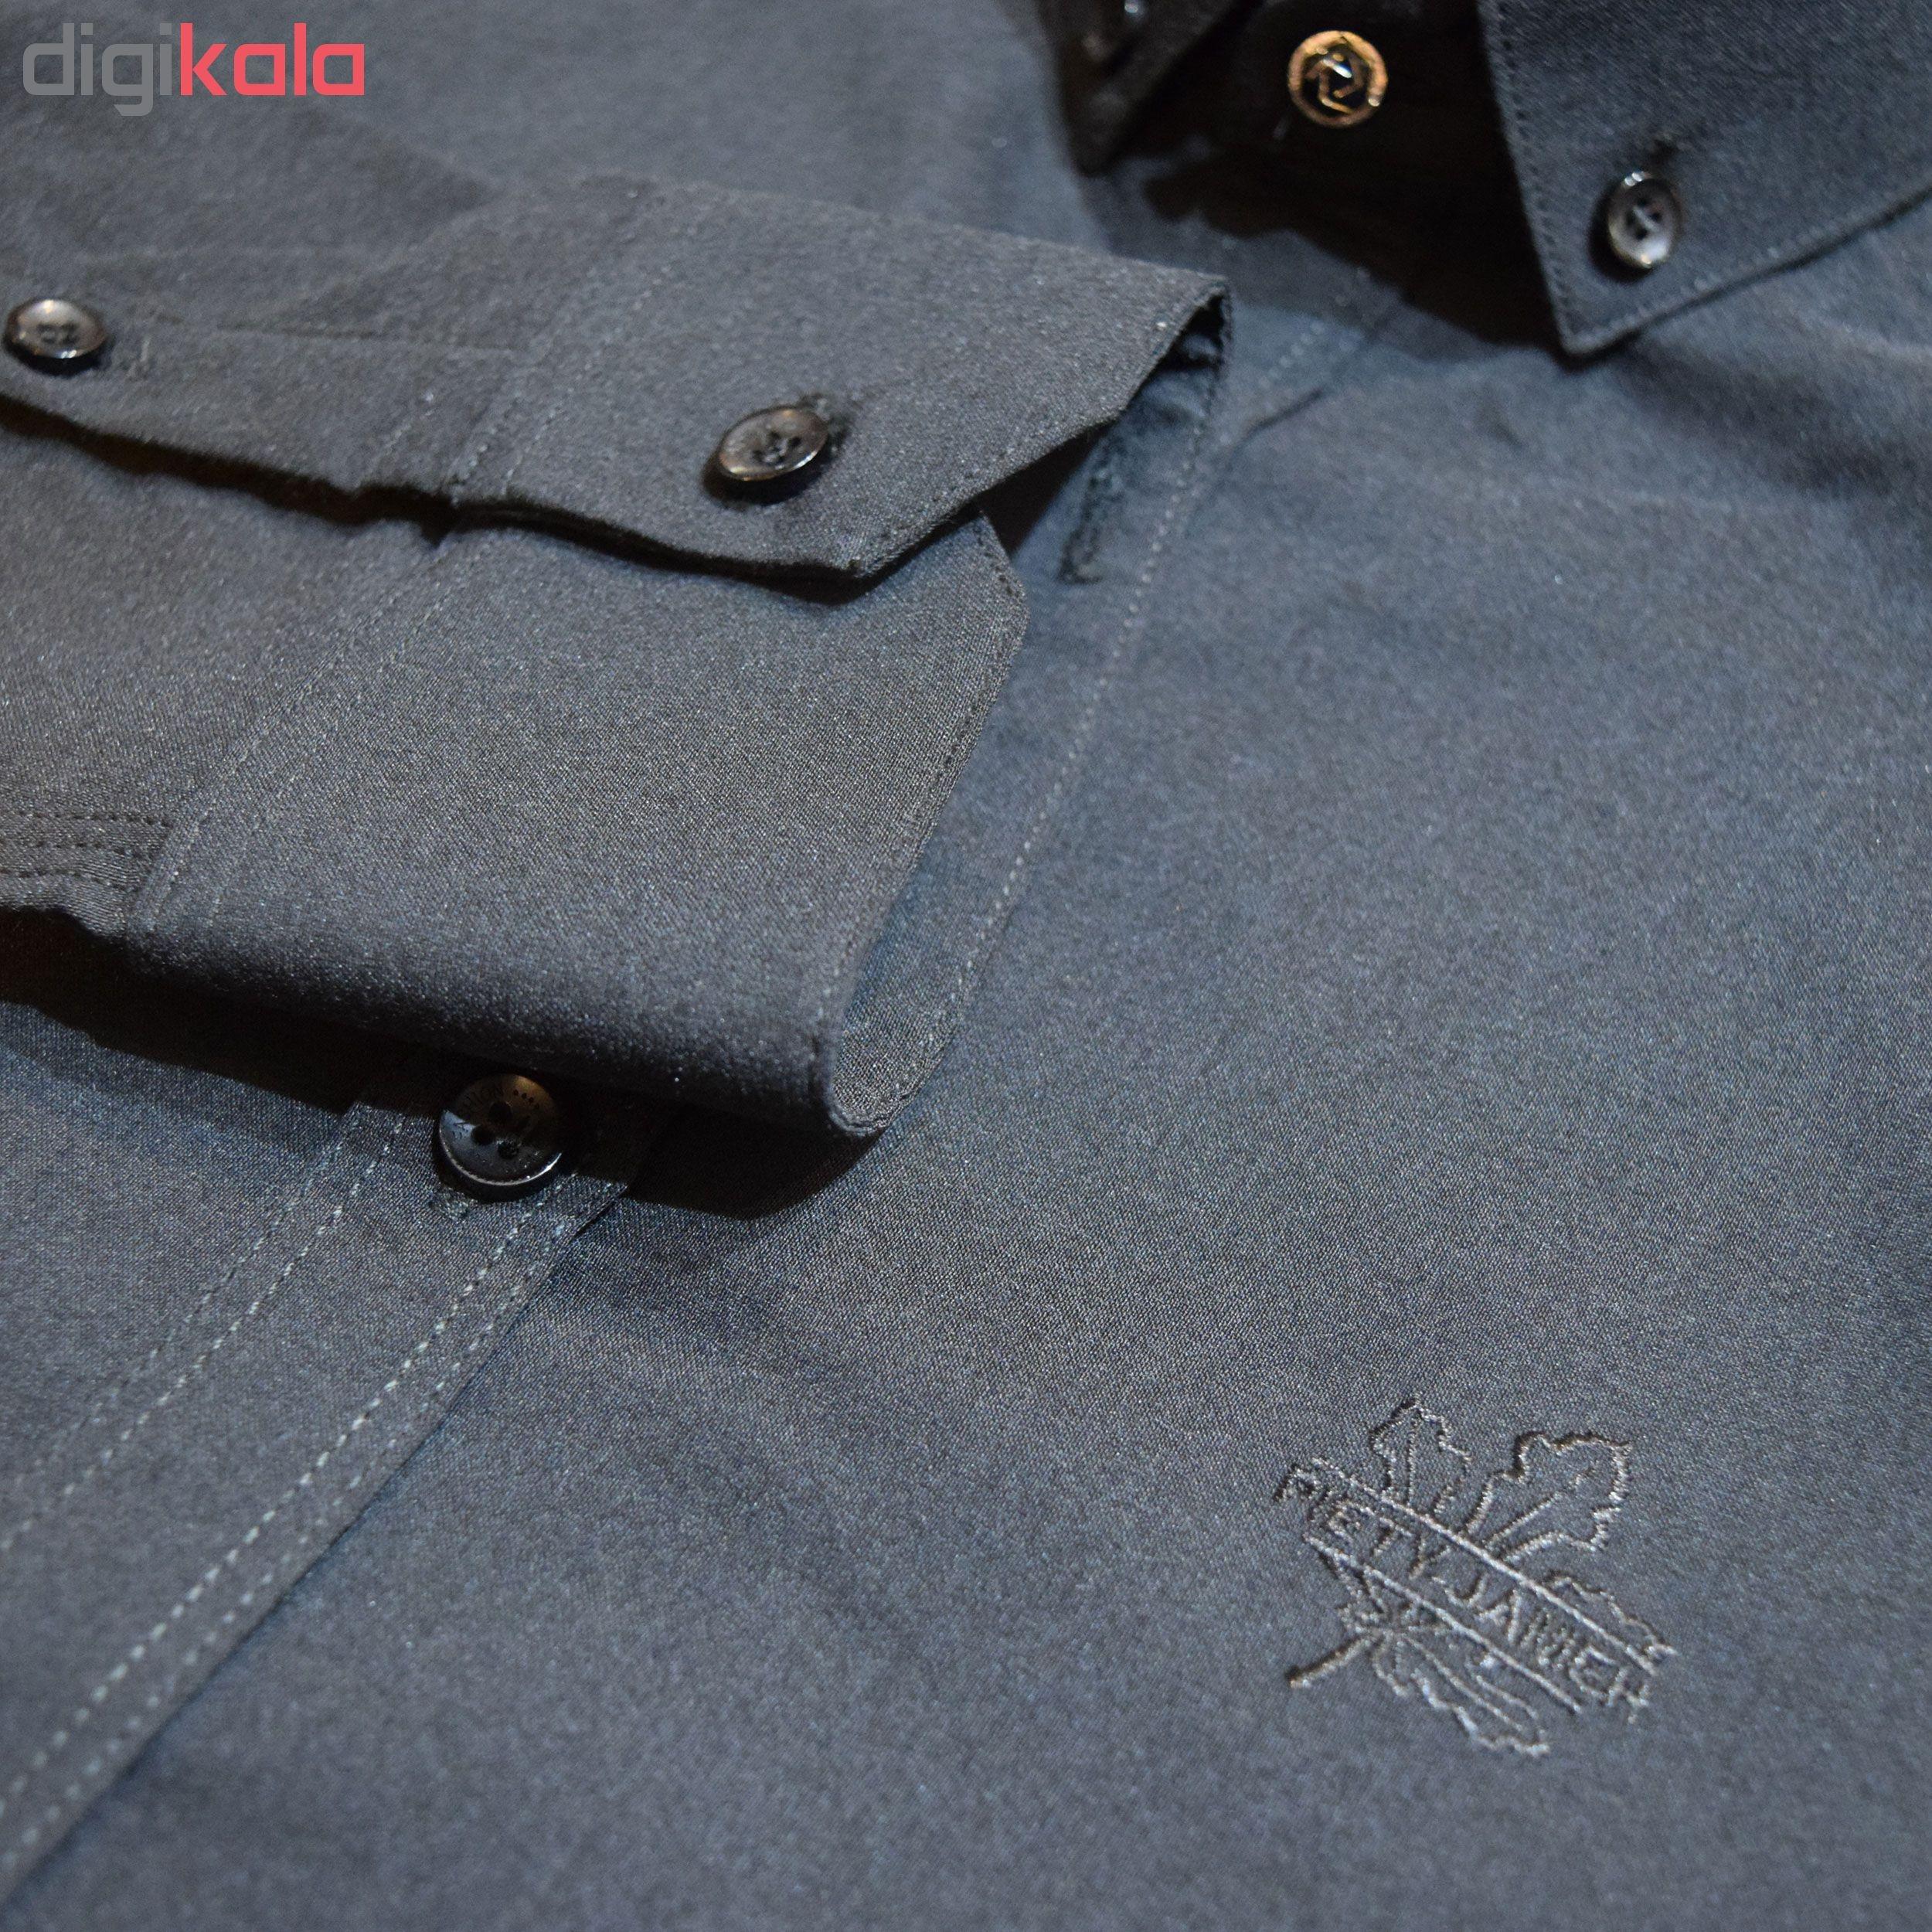 پیراهن مردانه پایتی جامه کد 1944335 main 1 2